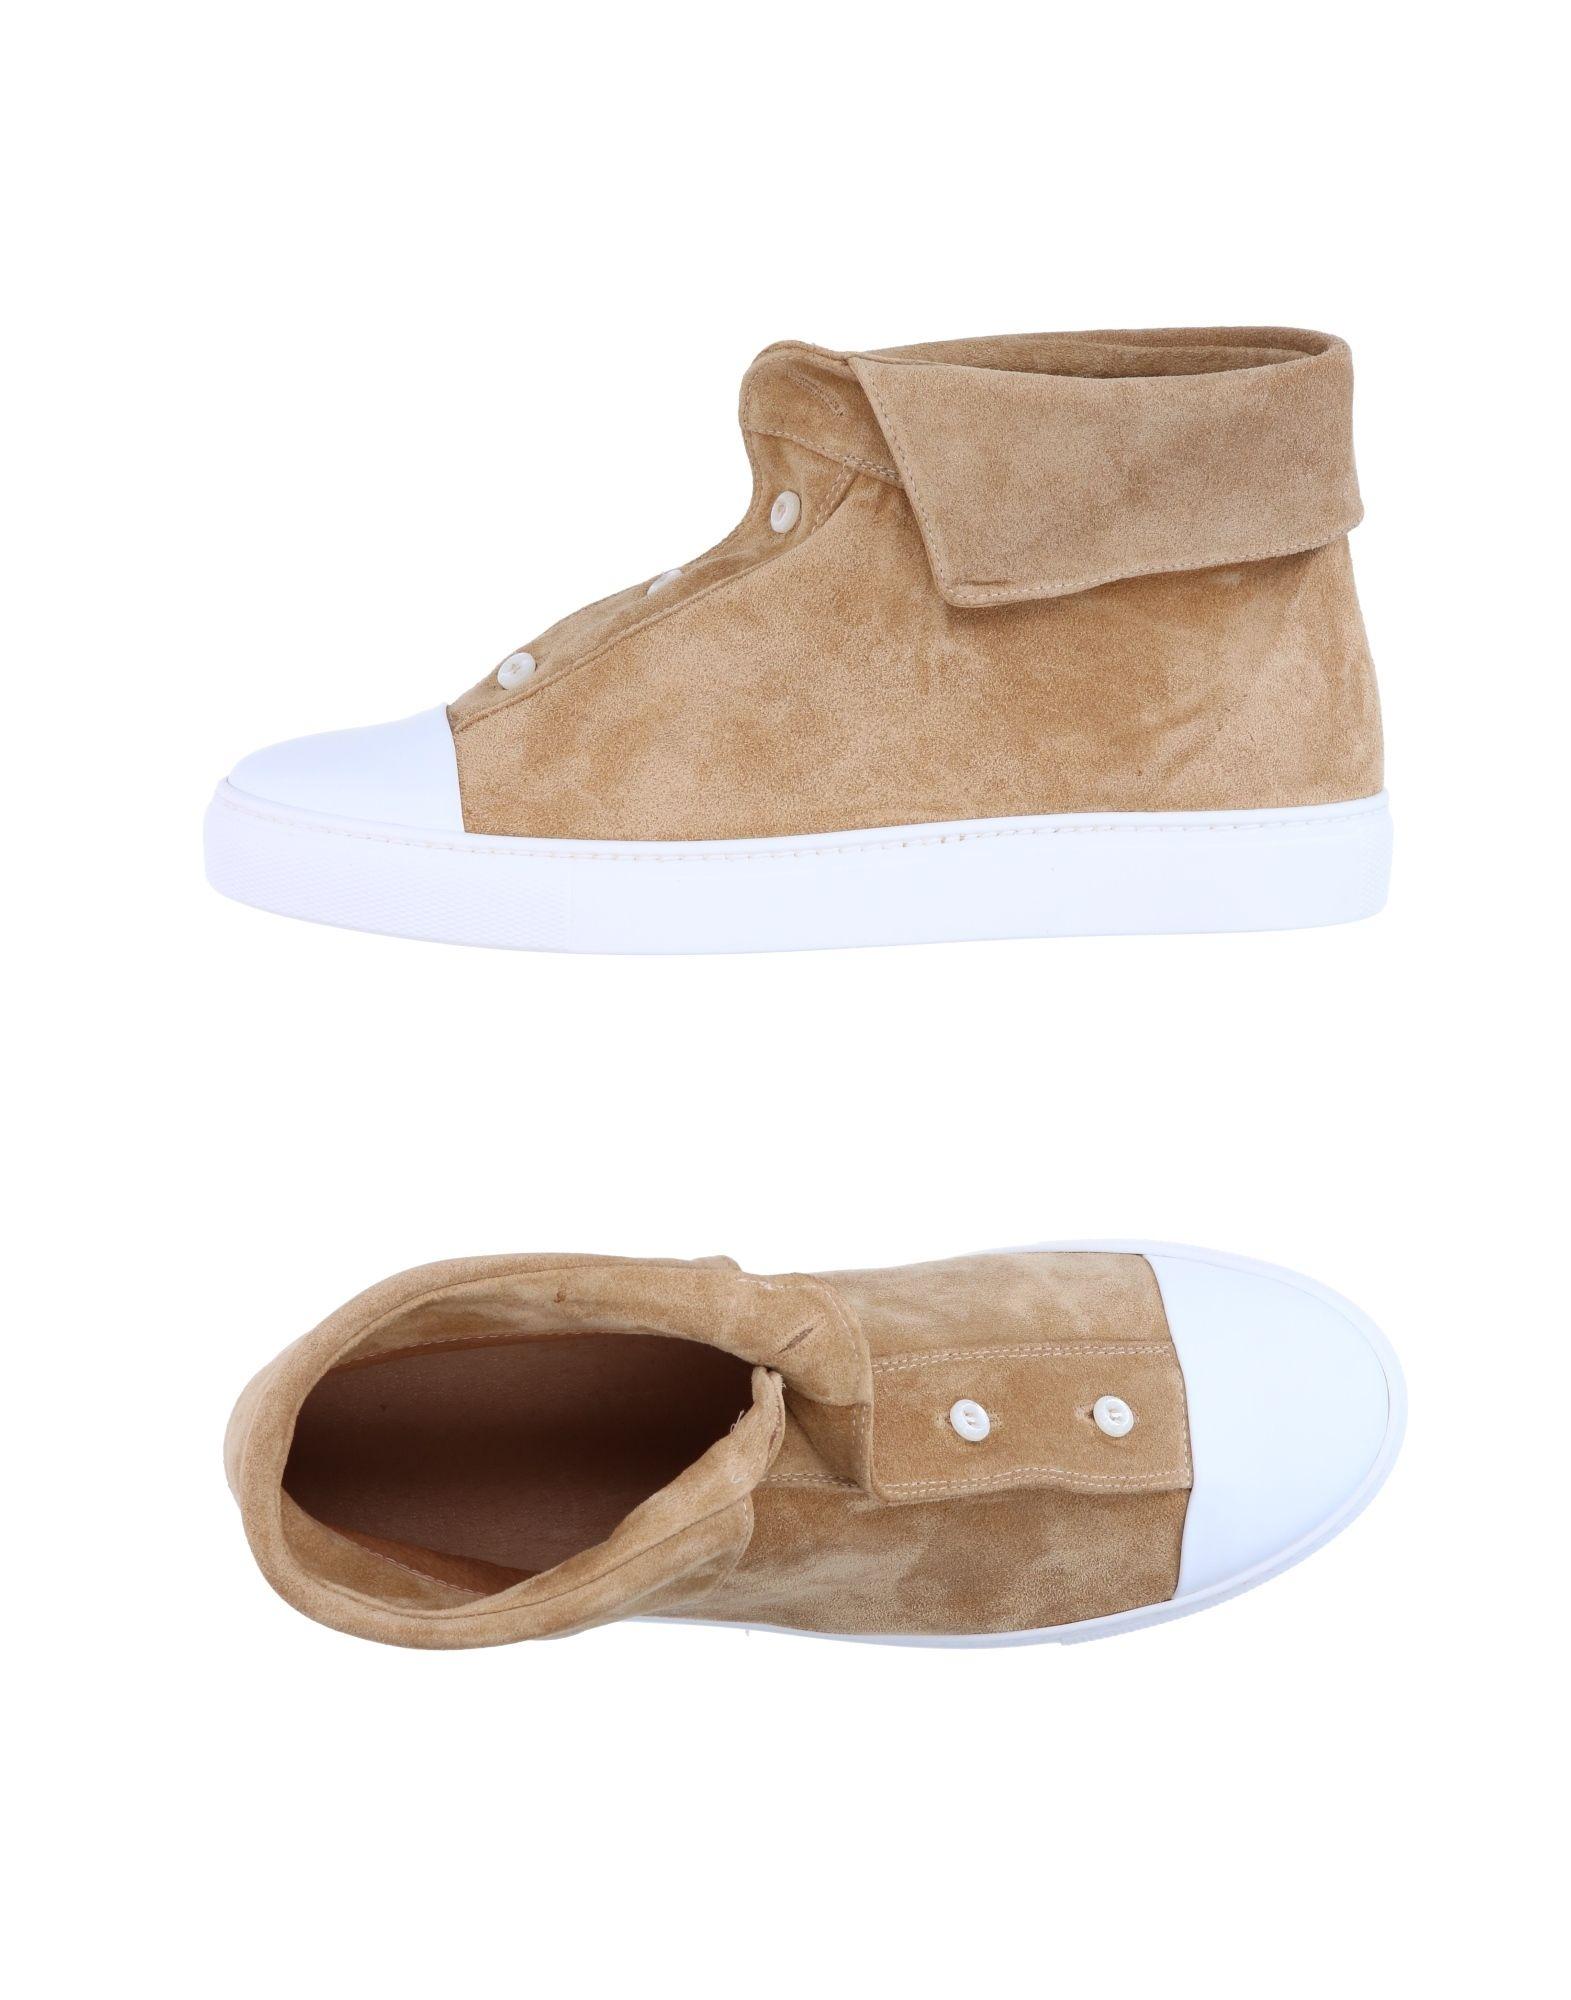 Moda Sneakers Sneakers Moda Sciuscert Uomo - 11274427WM 617576